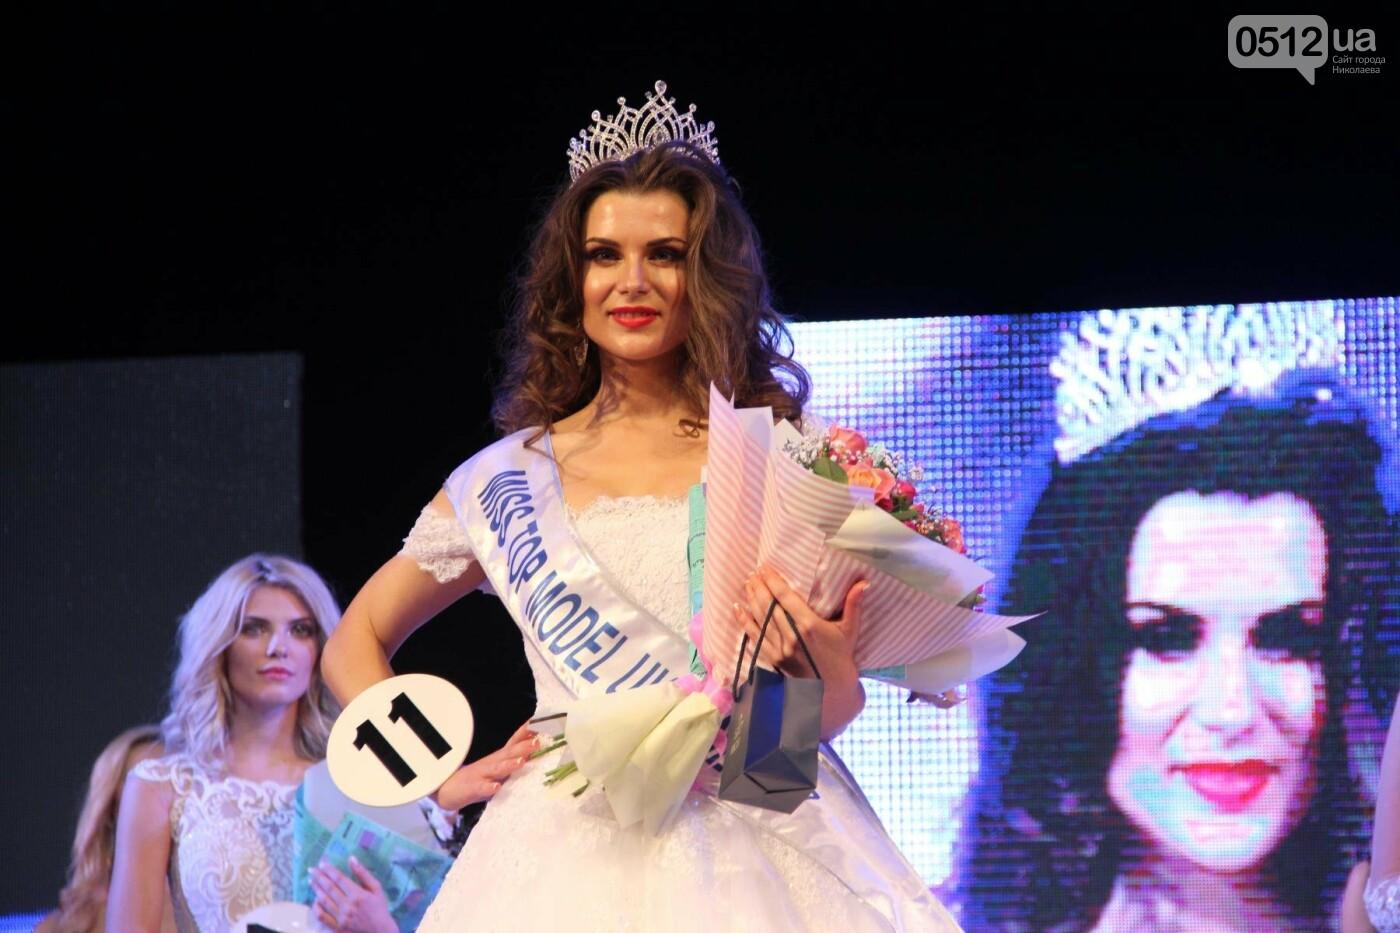 В Николаеве на конкурсе «Miss Top model Ukraine» выбрали самую красивую модель в Украине, - ФОТО, фото-4